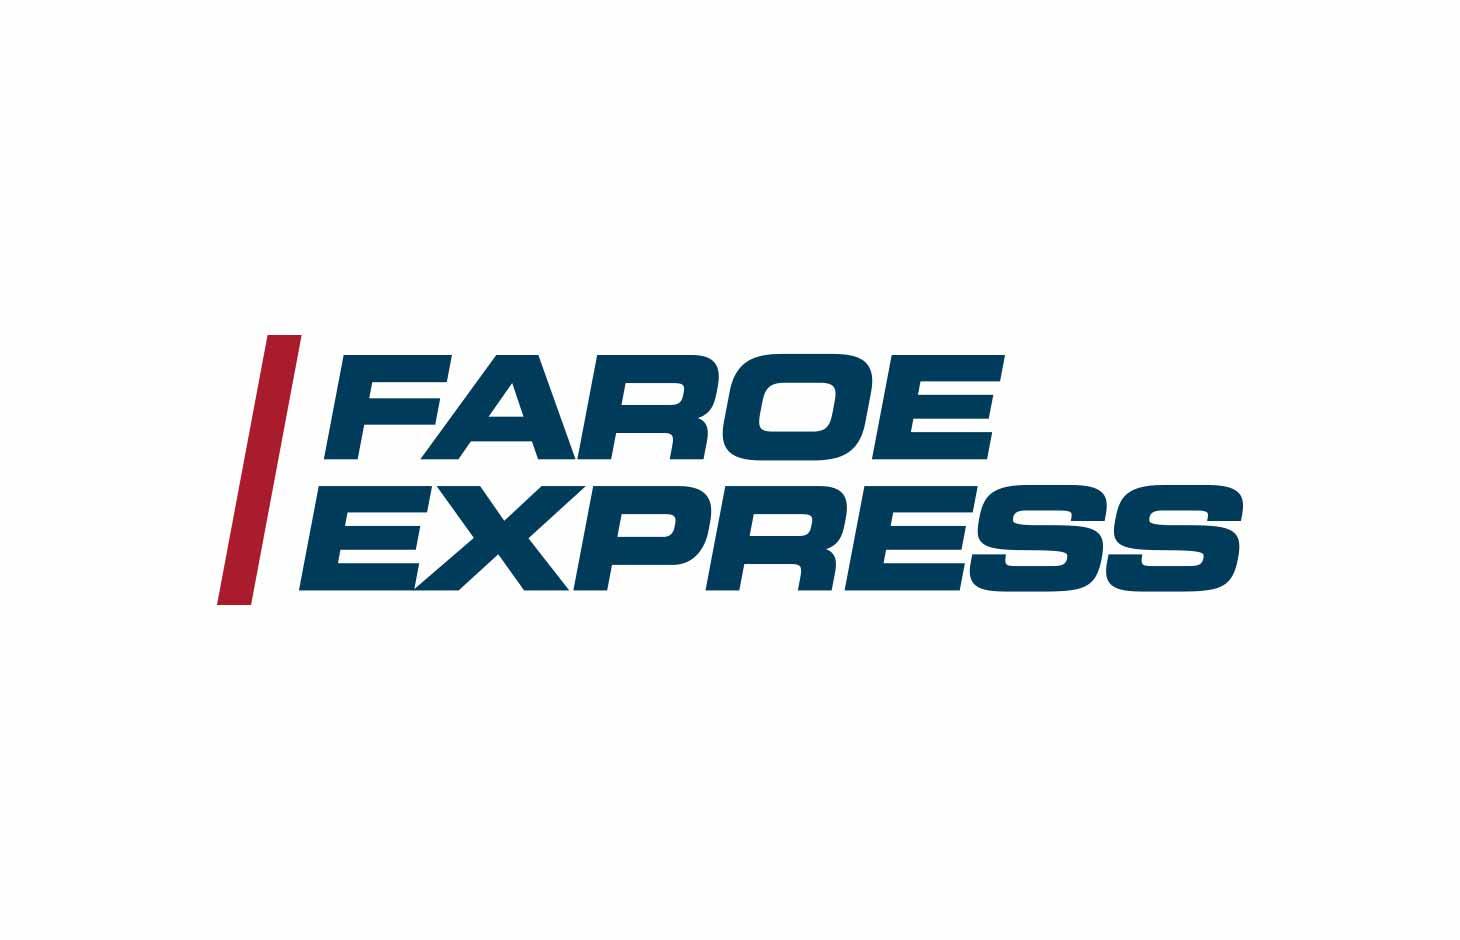 Faroe Express